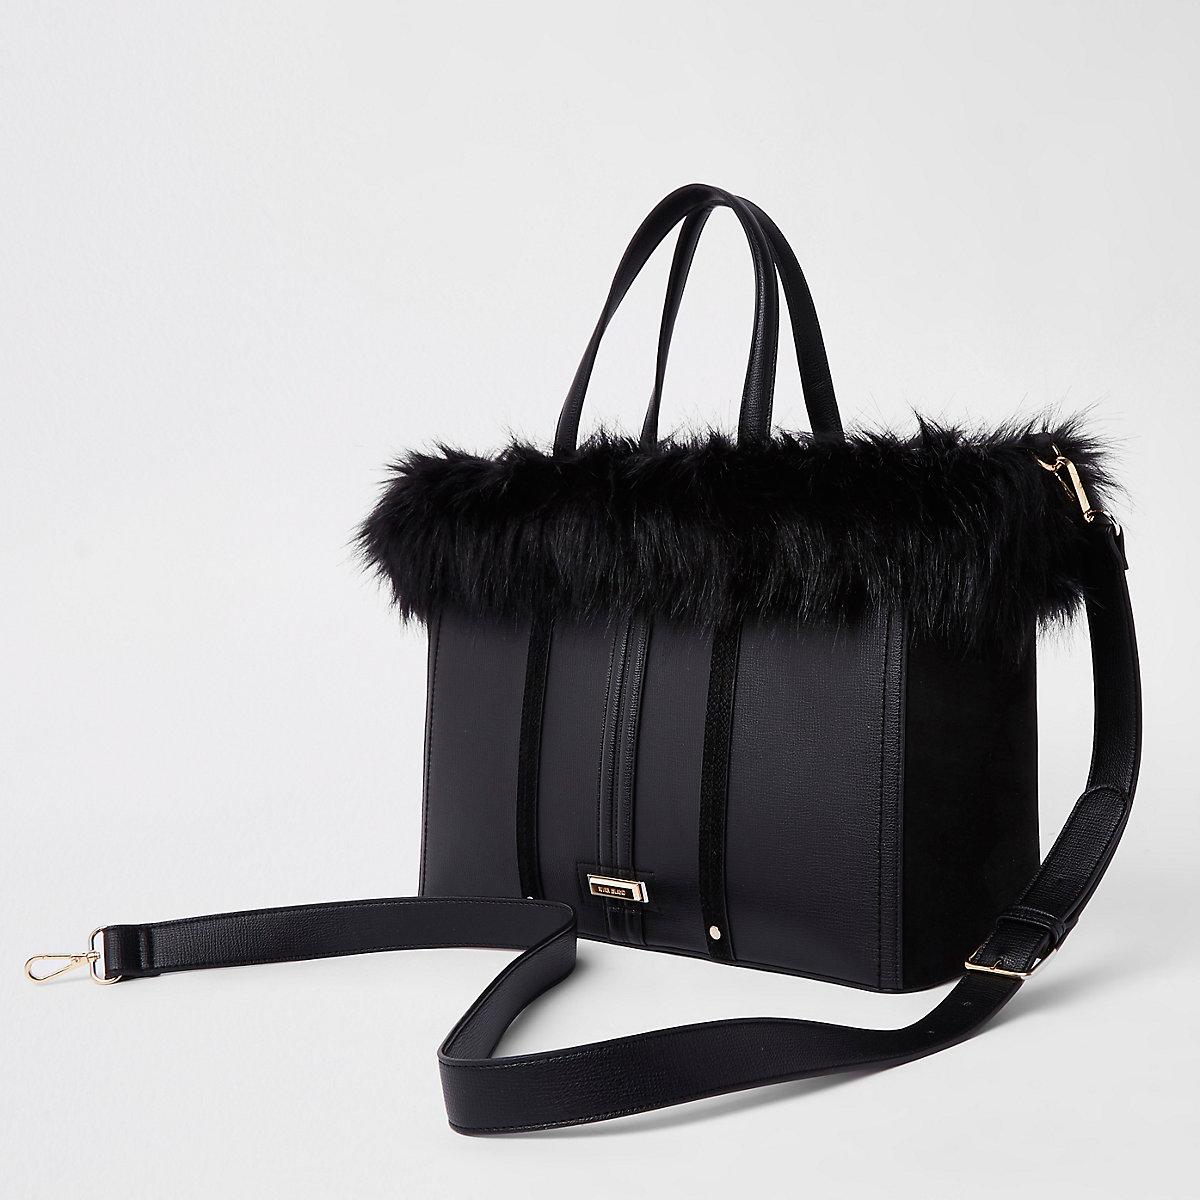 Zwarte handtas met rand van imitatiebont en zij-inzetten